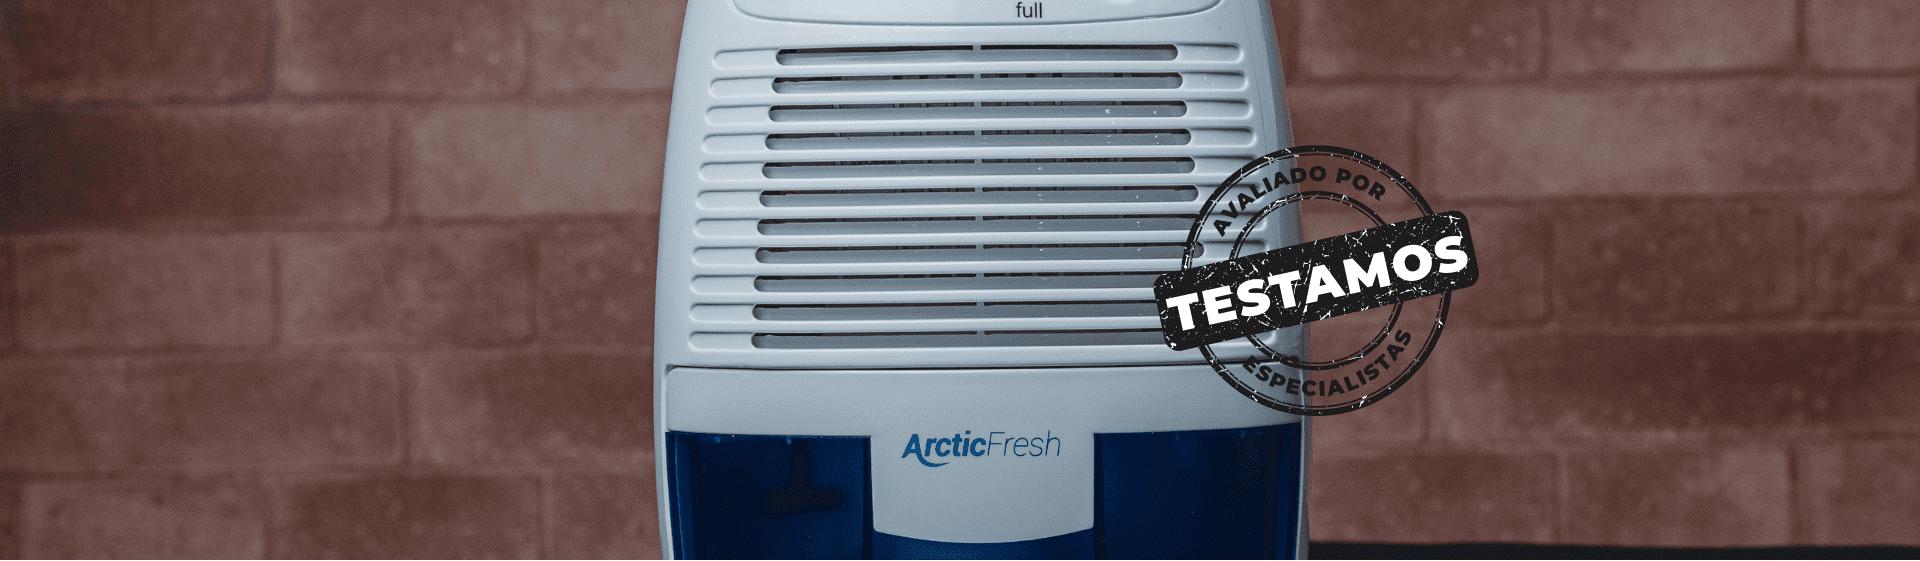 Desumidificador EOS Arctic Fresh: compacto e eficiente, mas difícil de limpar